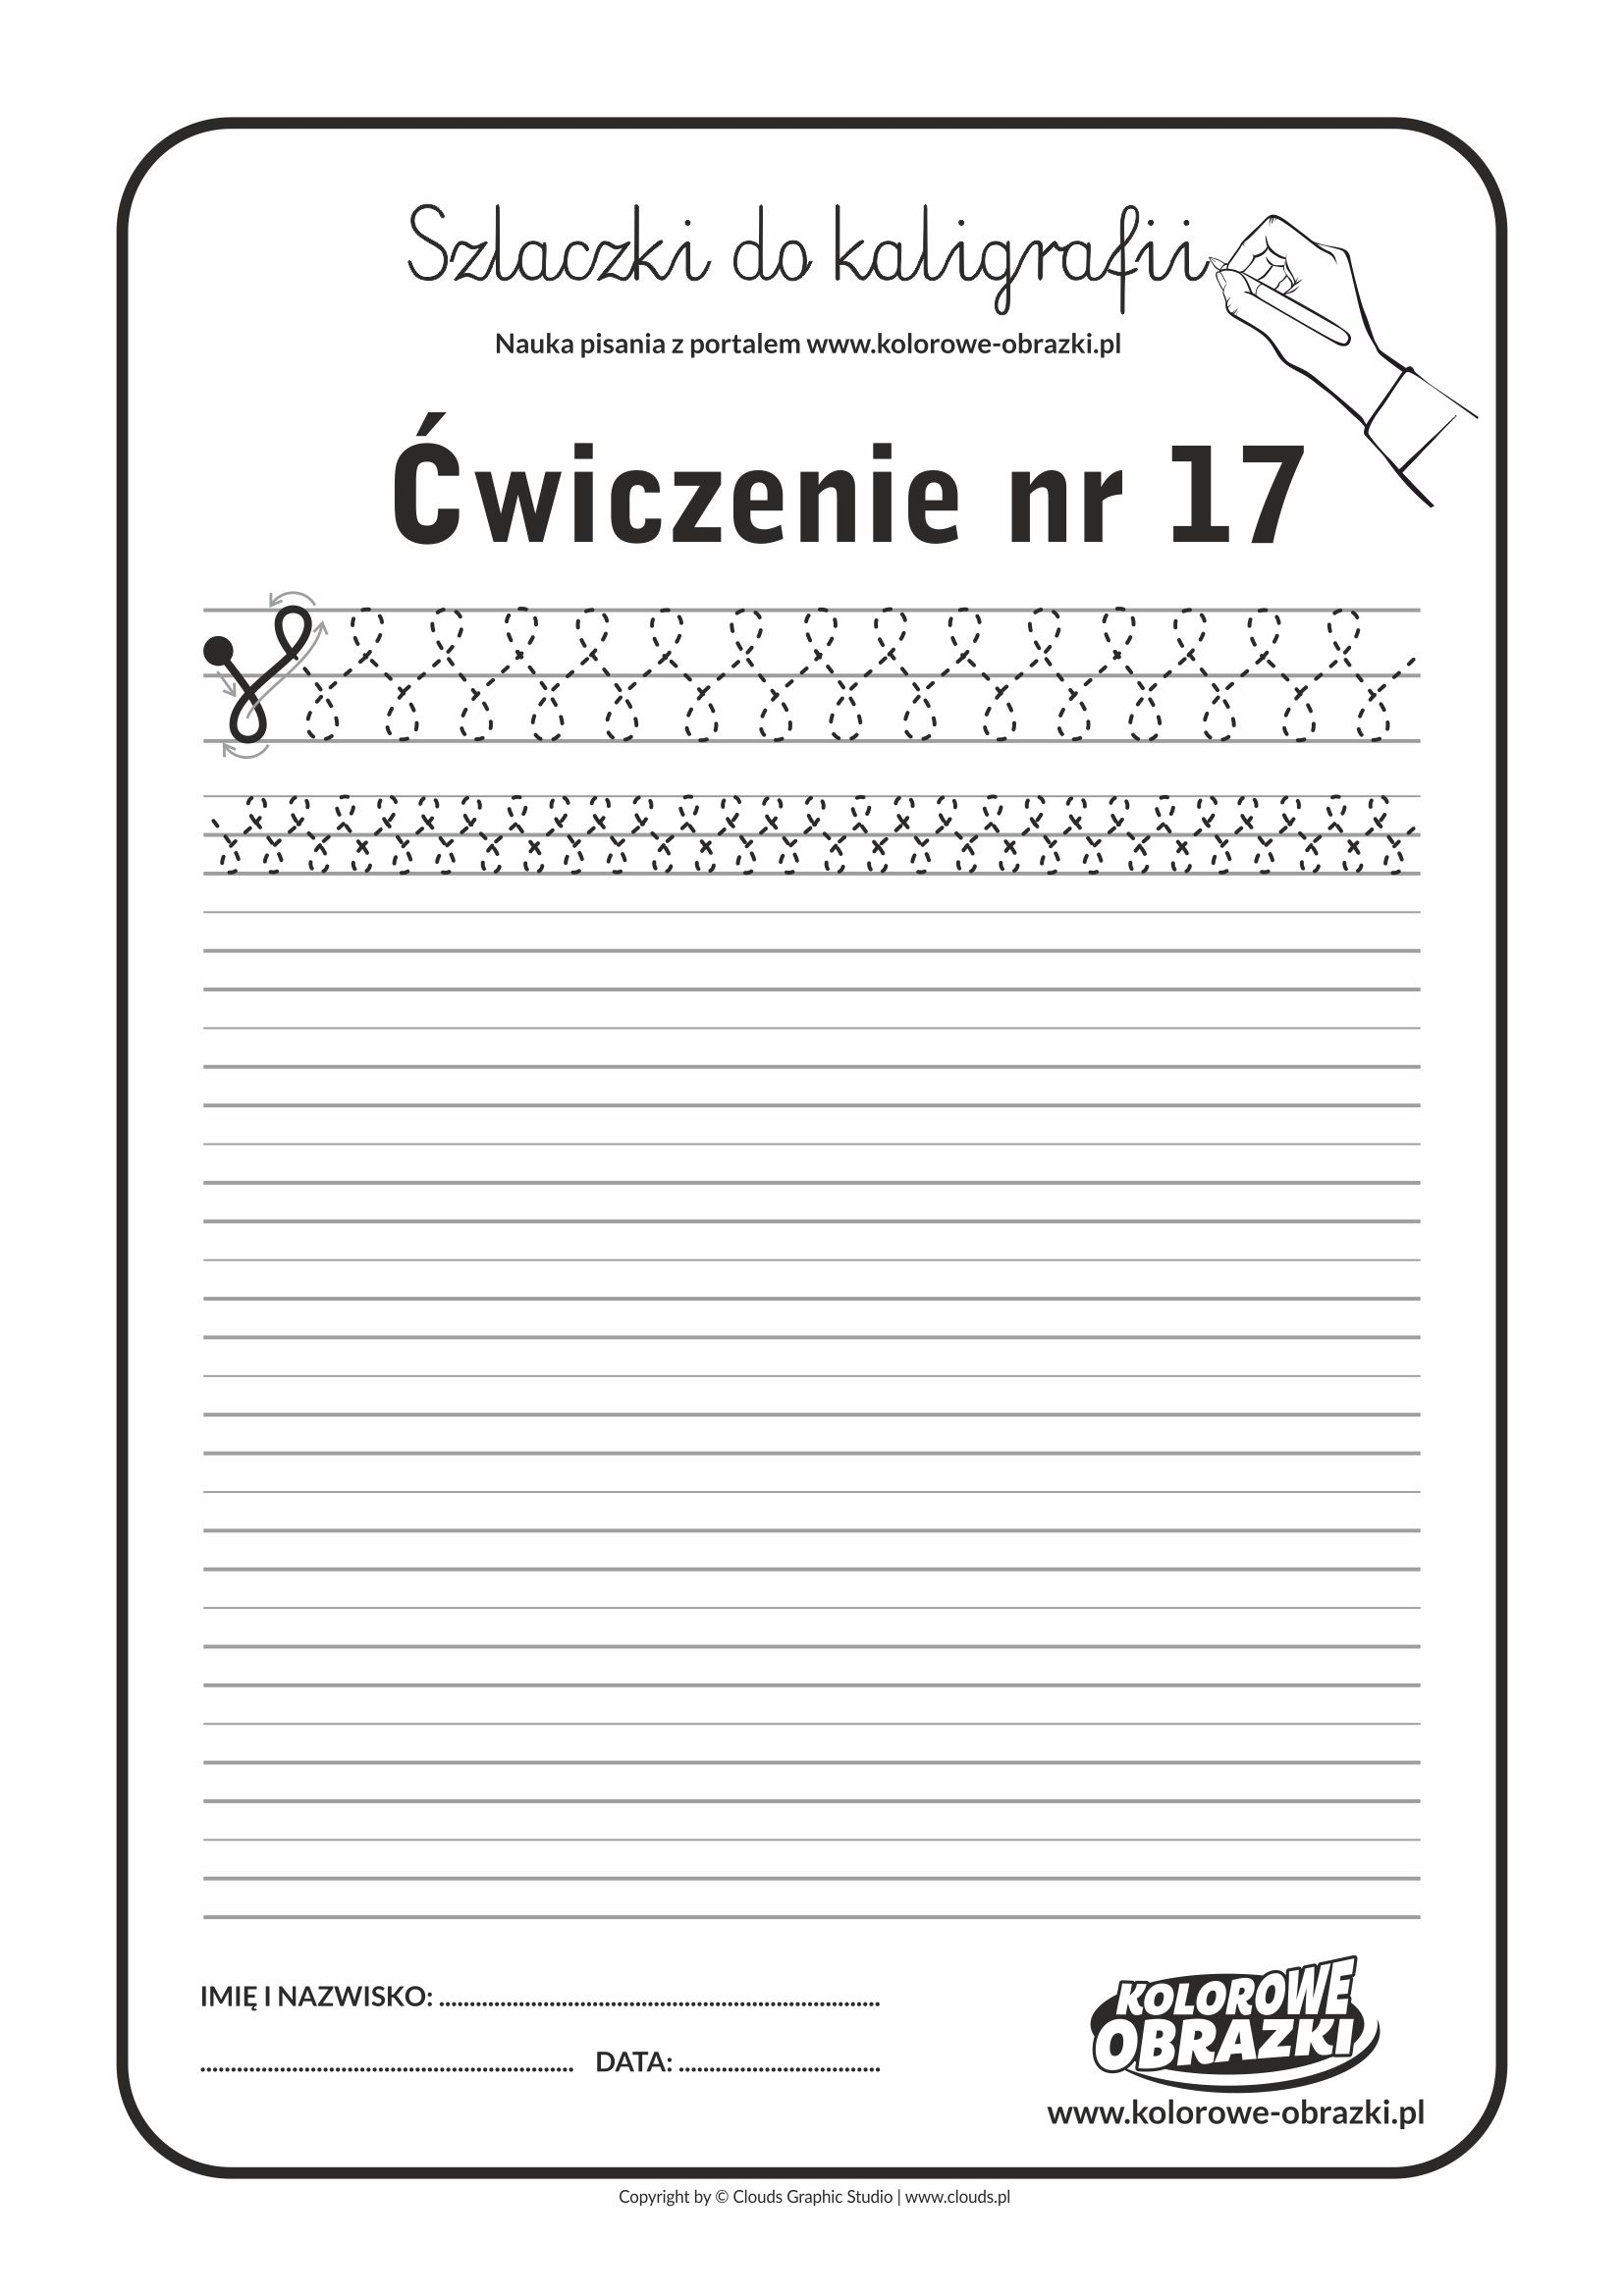 Kaligrafia dla dzieci - Ćwiczenia kaligraficzne / Szlaczki / Ćwiczenie nr 17